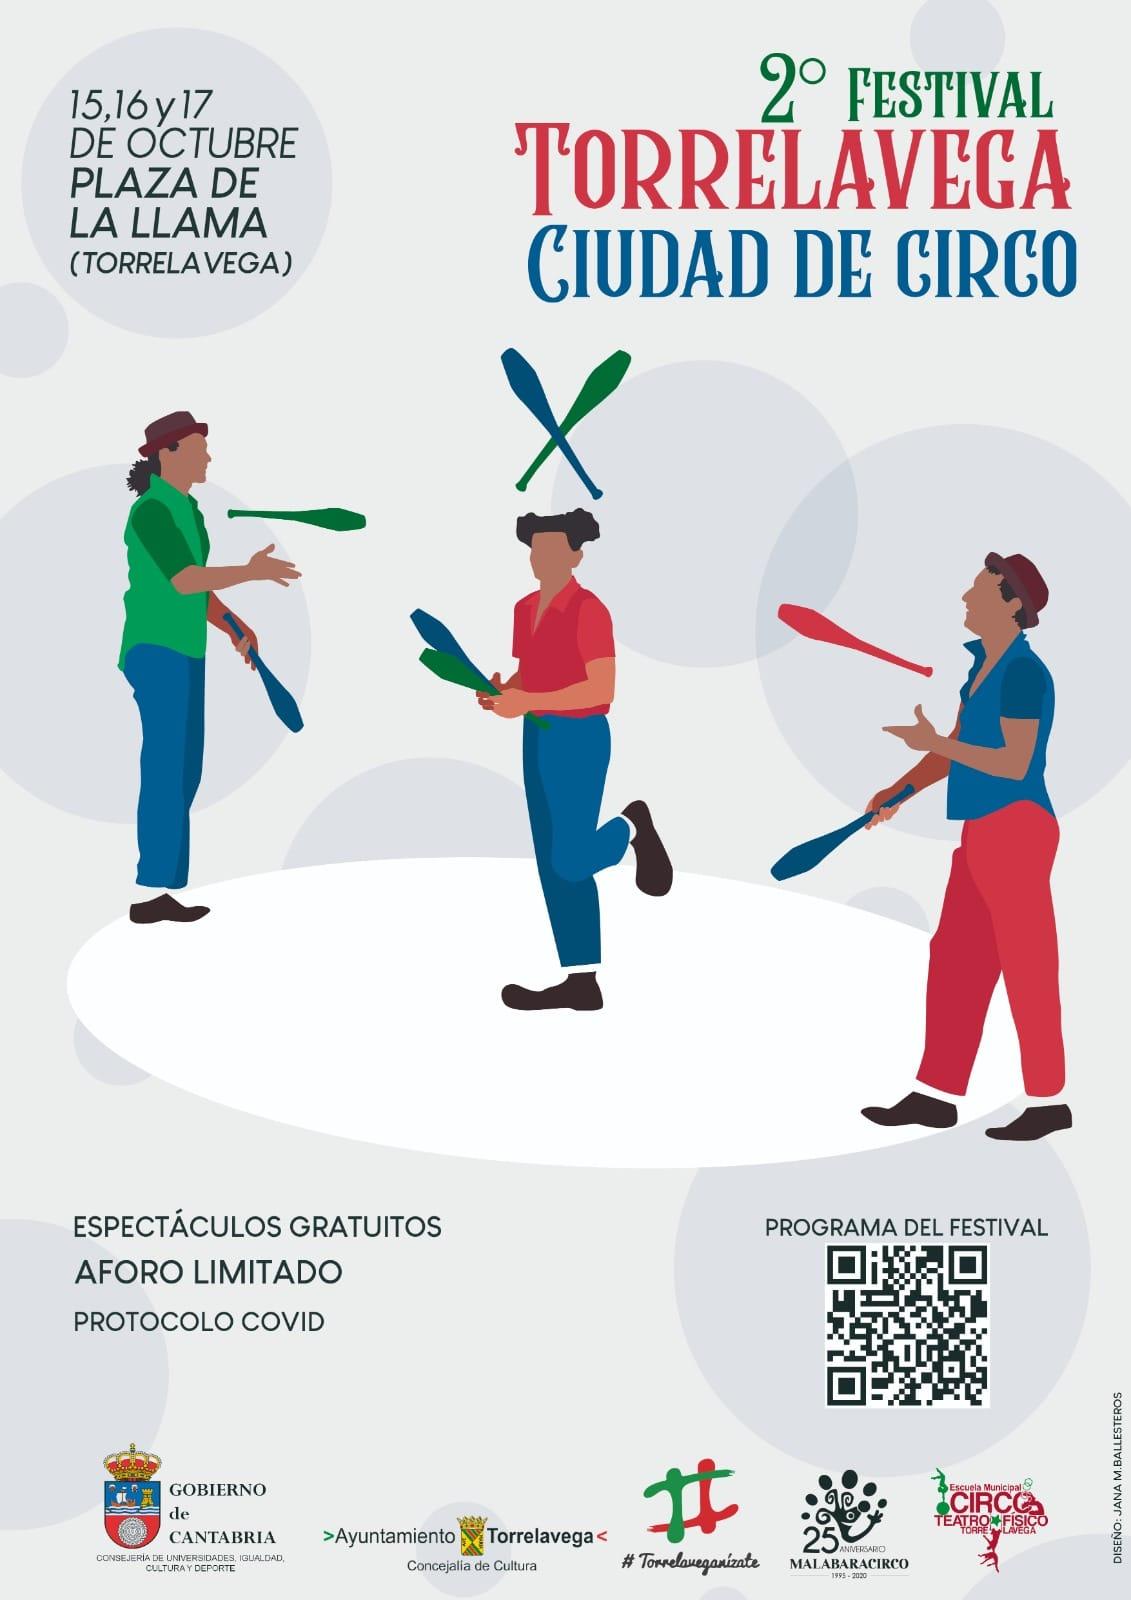 2a Edición del Festival Torrelavega Ciudad de Circo